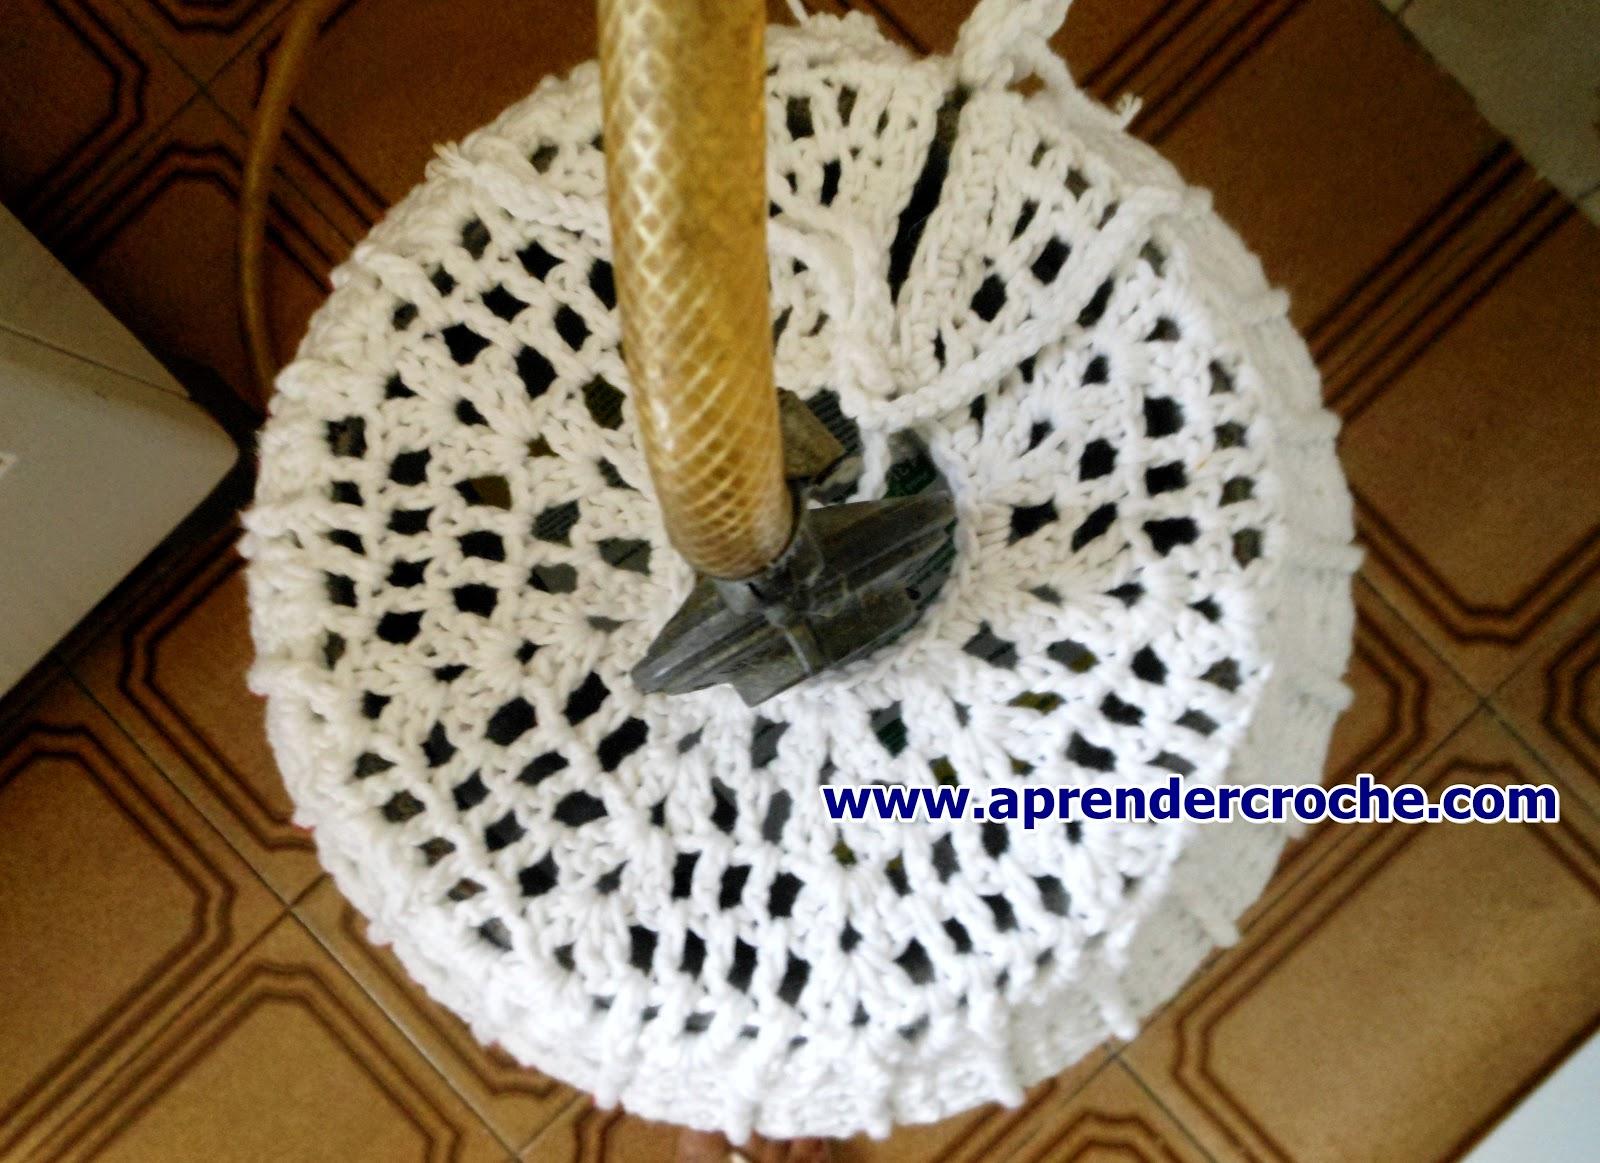 aprender croche gratis com capa para botijão de gás para cozinha dvd loja curso de croche frete gratis